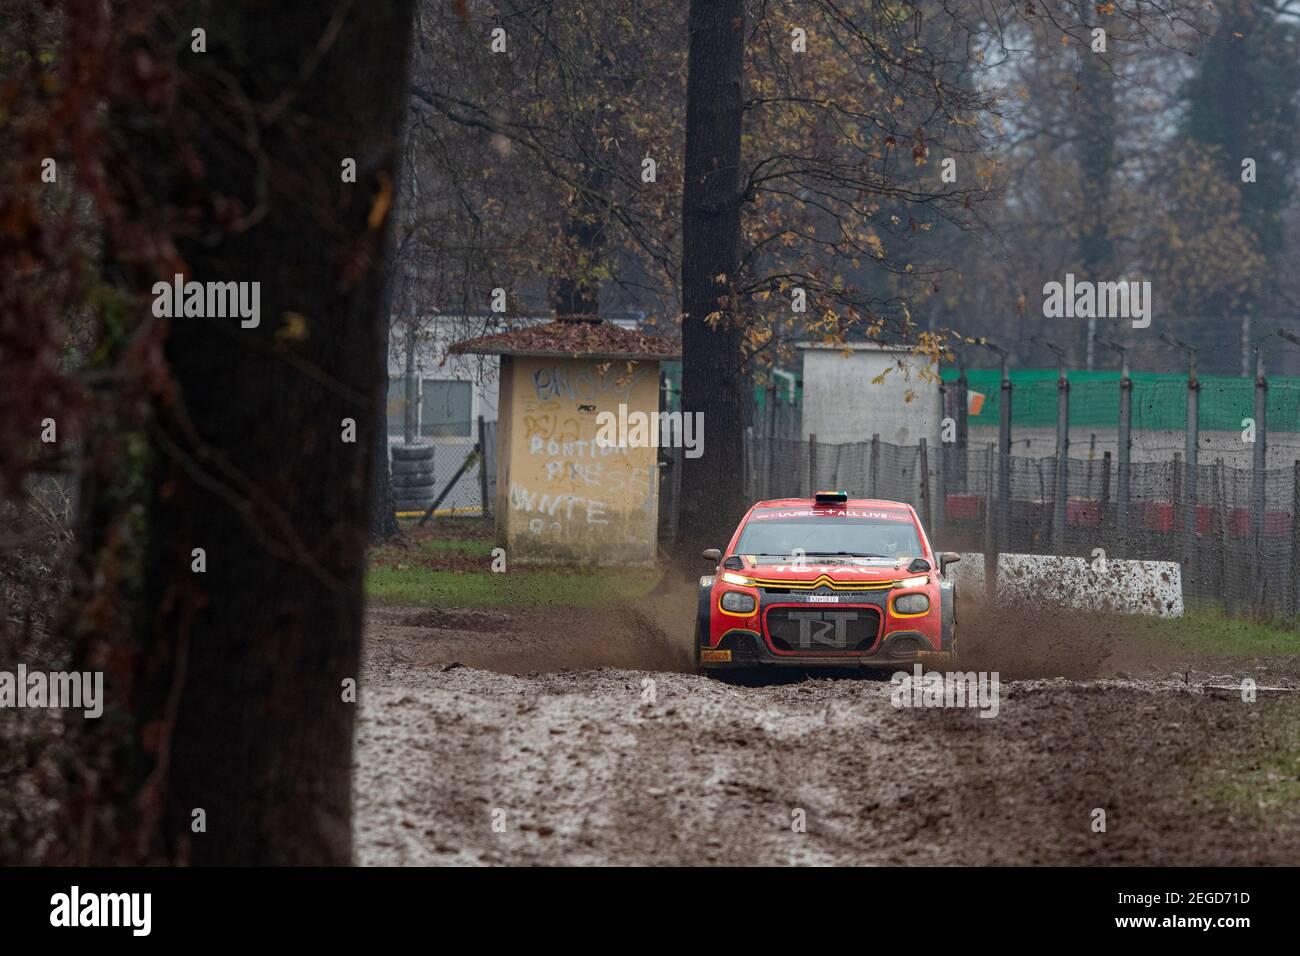 24 Marco BULACIA WILKINSON (bol), Marcelo DER OHANNESIAN (arg), CITROEN C3, WRC 3, action pendant le Rallye ACI Monza 2020, 7e tour du Championnat WRC 2020 de la FIA du 3 au 8 décembre 2020 à Monza, Brianza en Italie - photo Grégory Lénormand / DPPI Banque D'Images